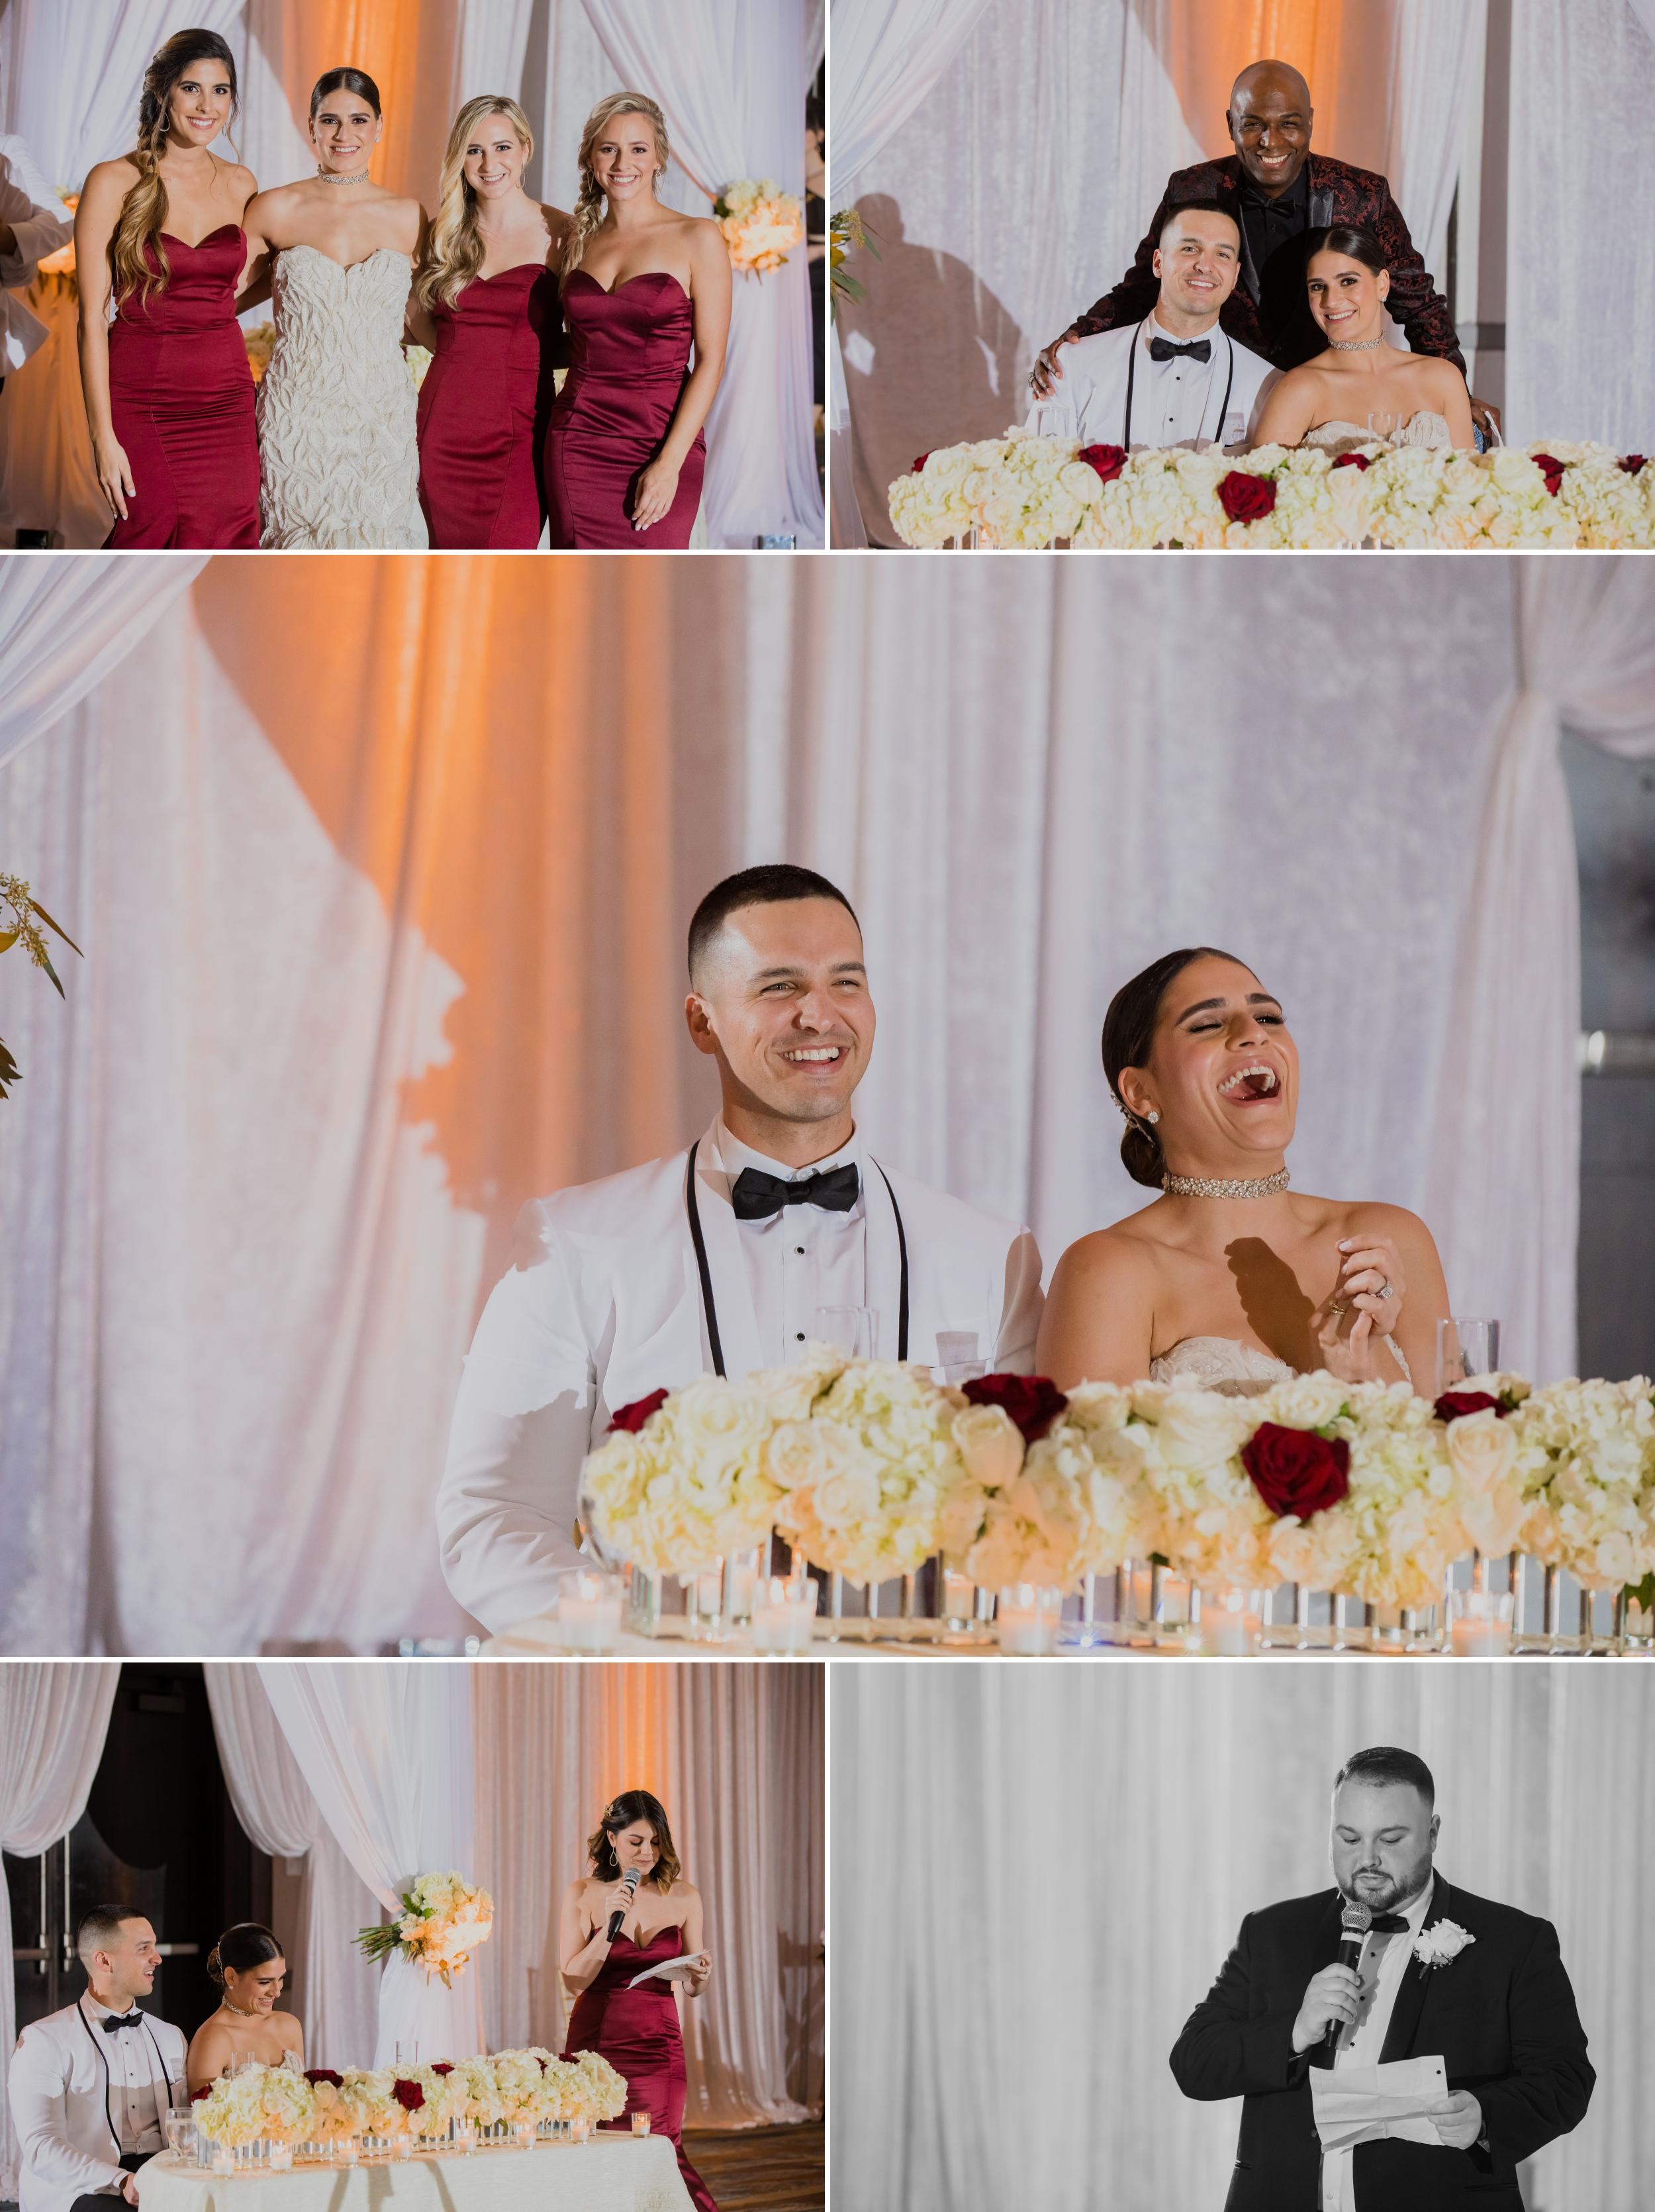 Wedding Biscayne Bay Marriott - Cassie and Jose 18.jpg